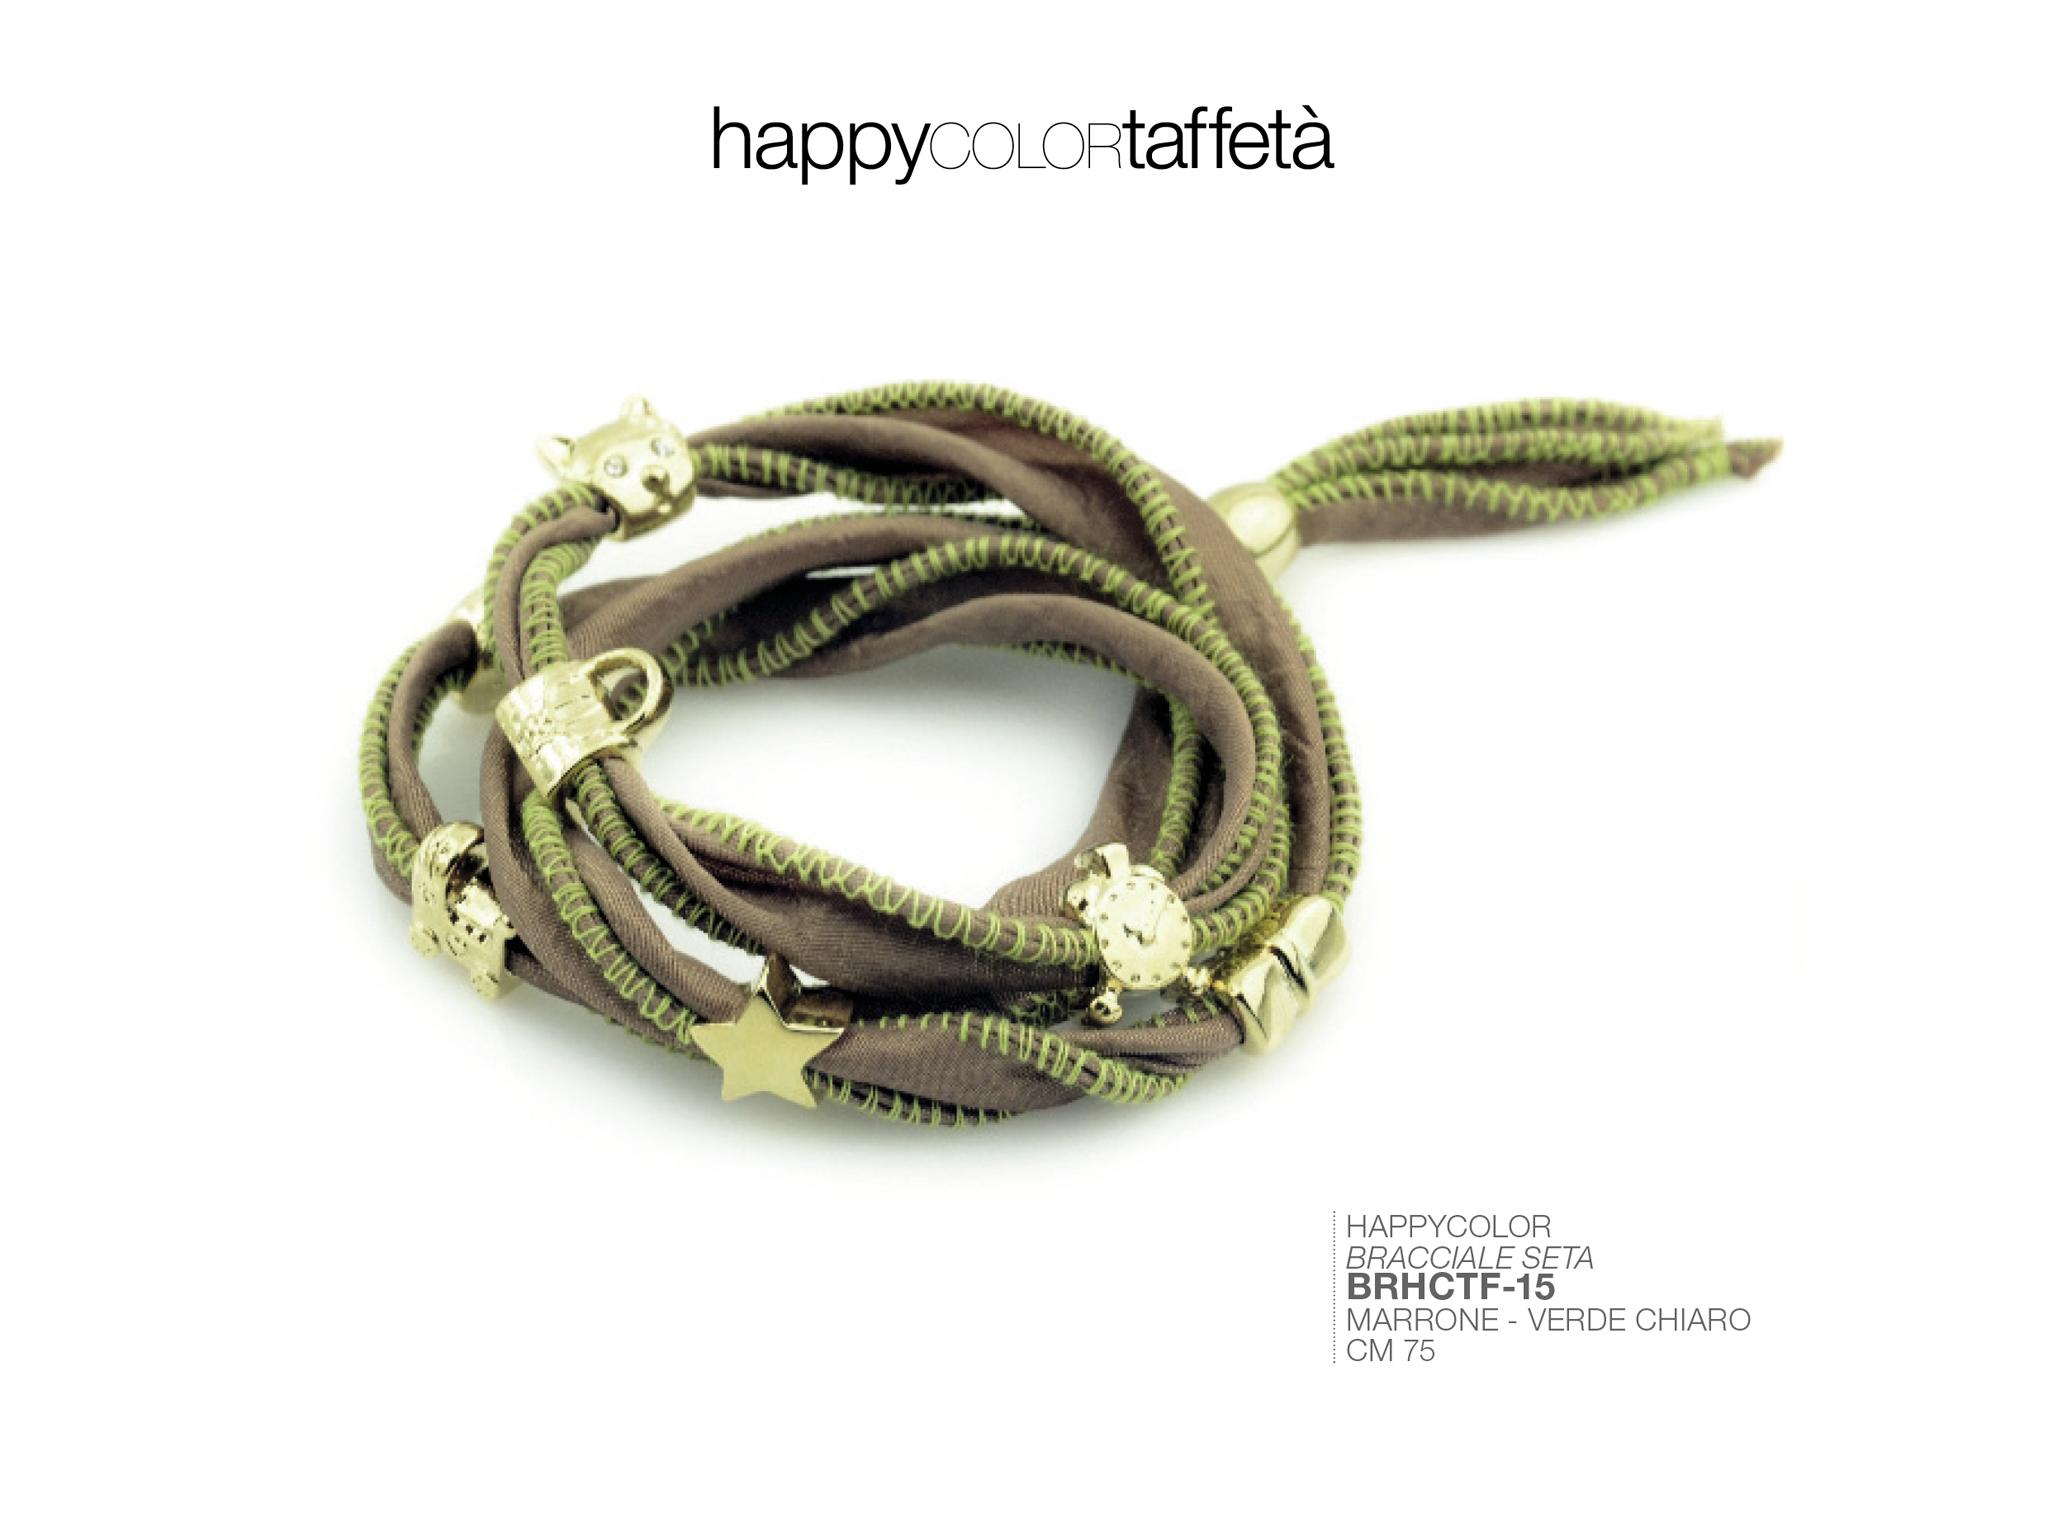 happycolor_taffeta_pagina_16_app